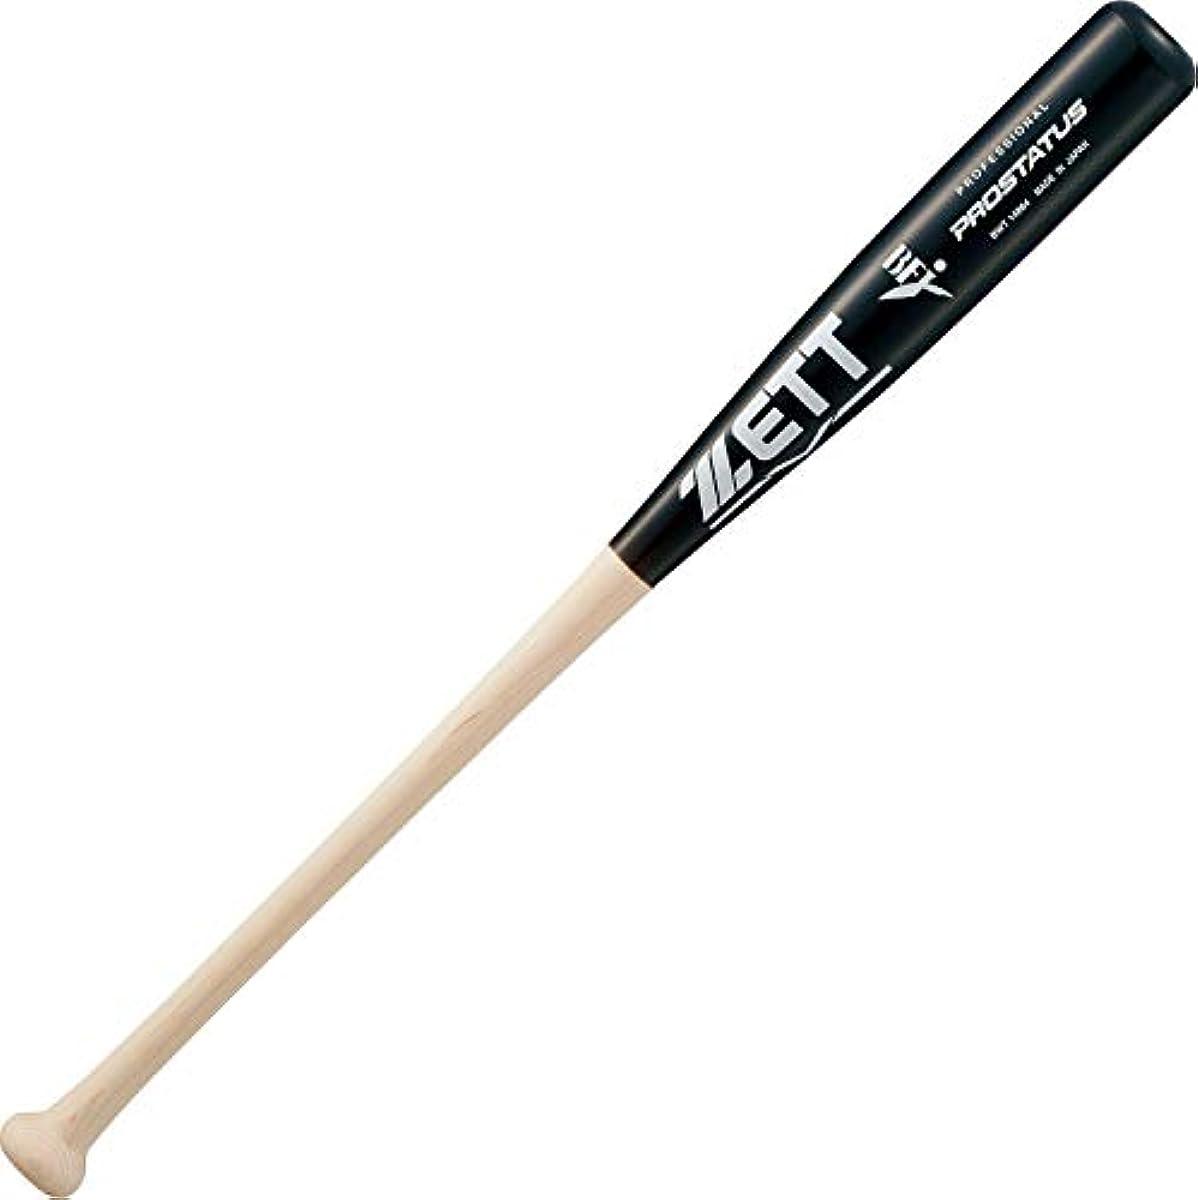 [해외] ZETT제트 경식 야구 배트 프로 스테이터스 목제 북미곡 생산 하드 메이플 84CM 890G BWT14884